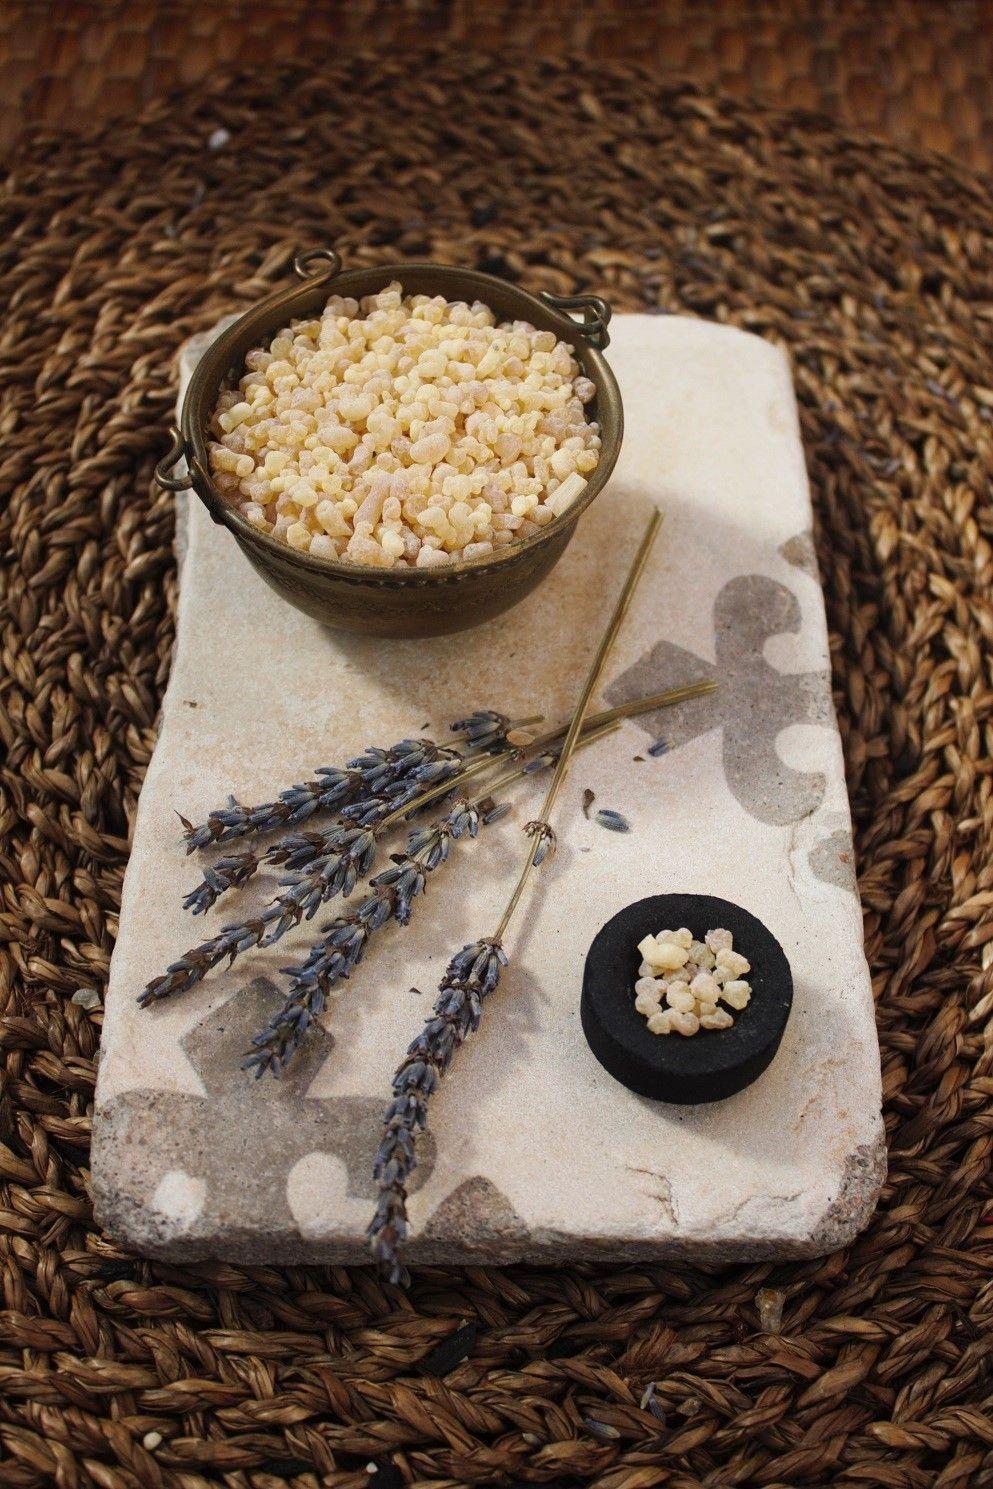 Copal Mirra Oliban Sandalany Storae Benjuí Pure Natural Resina Incessant Resina Incienso Hierbas